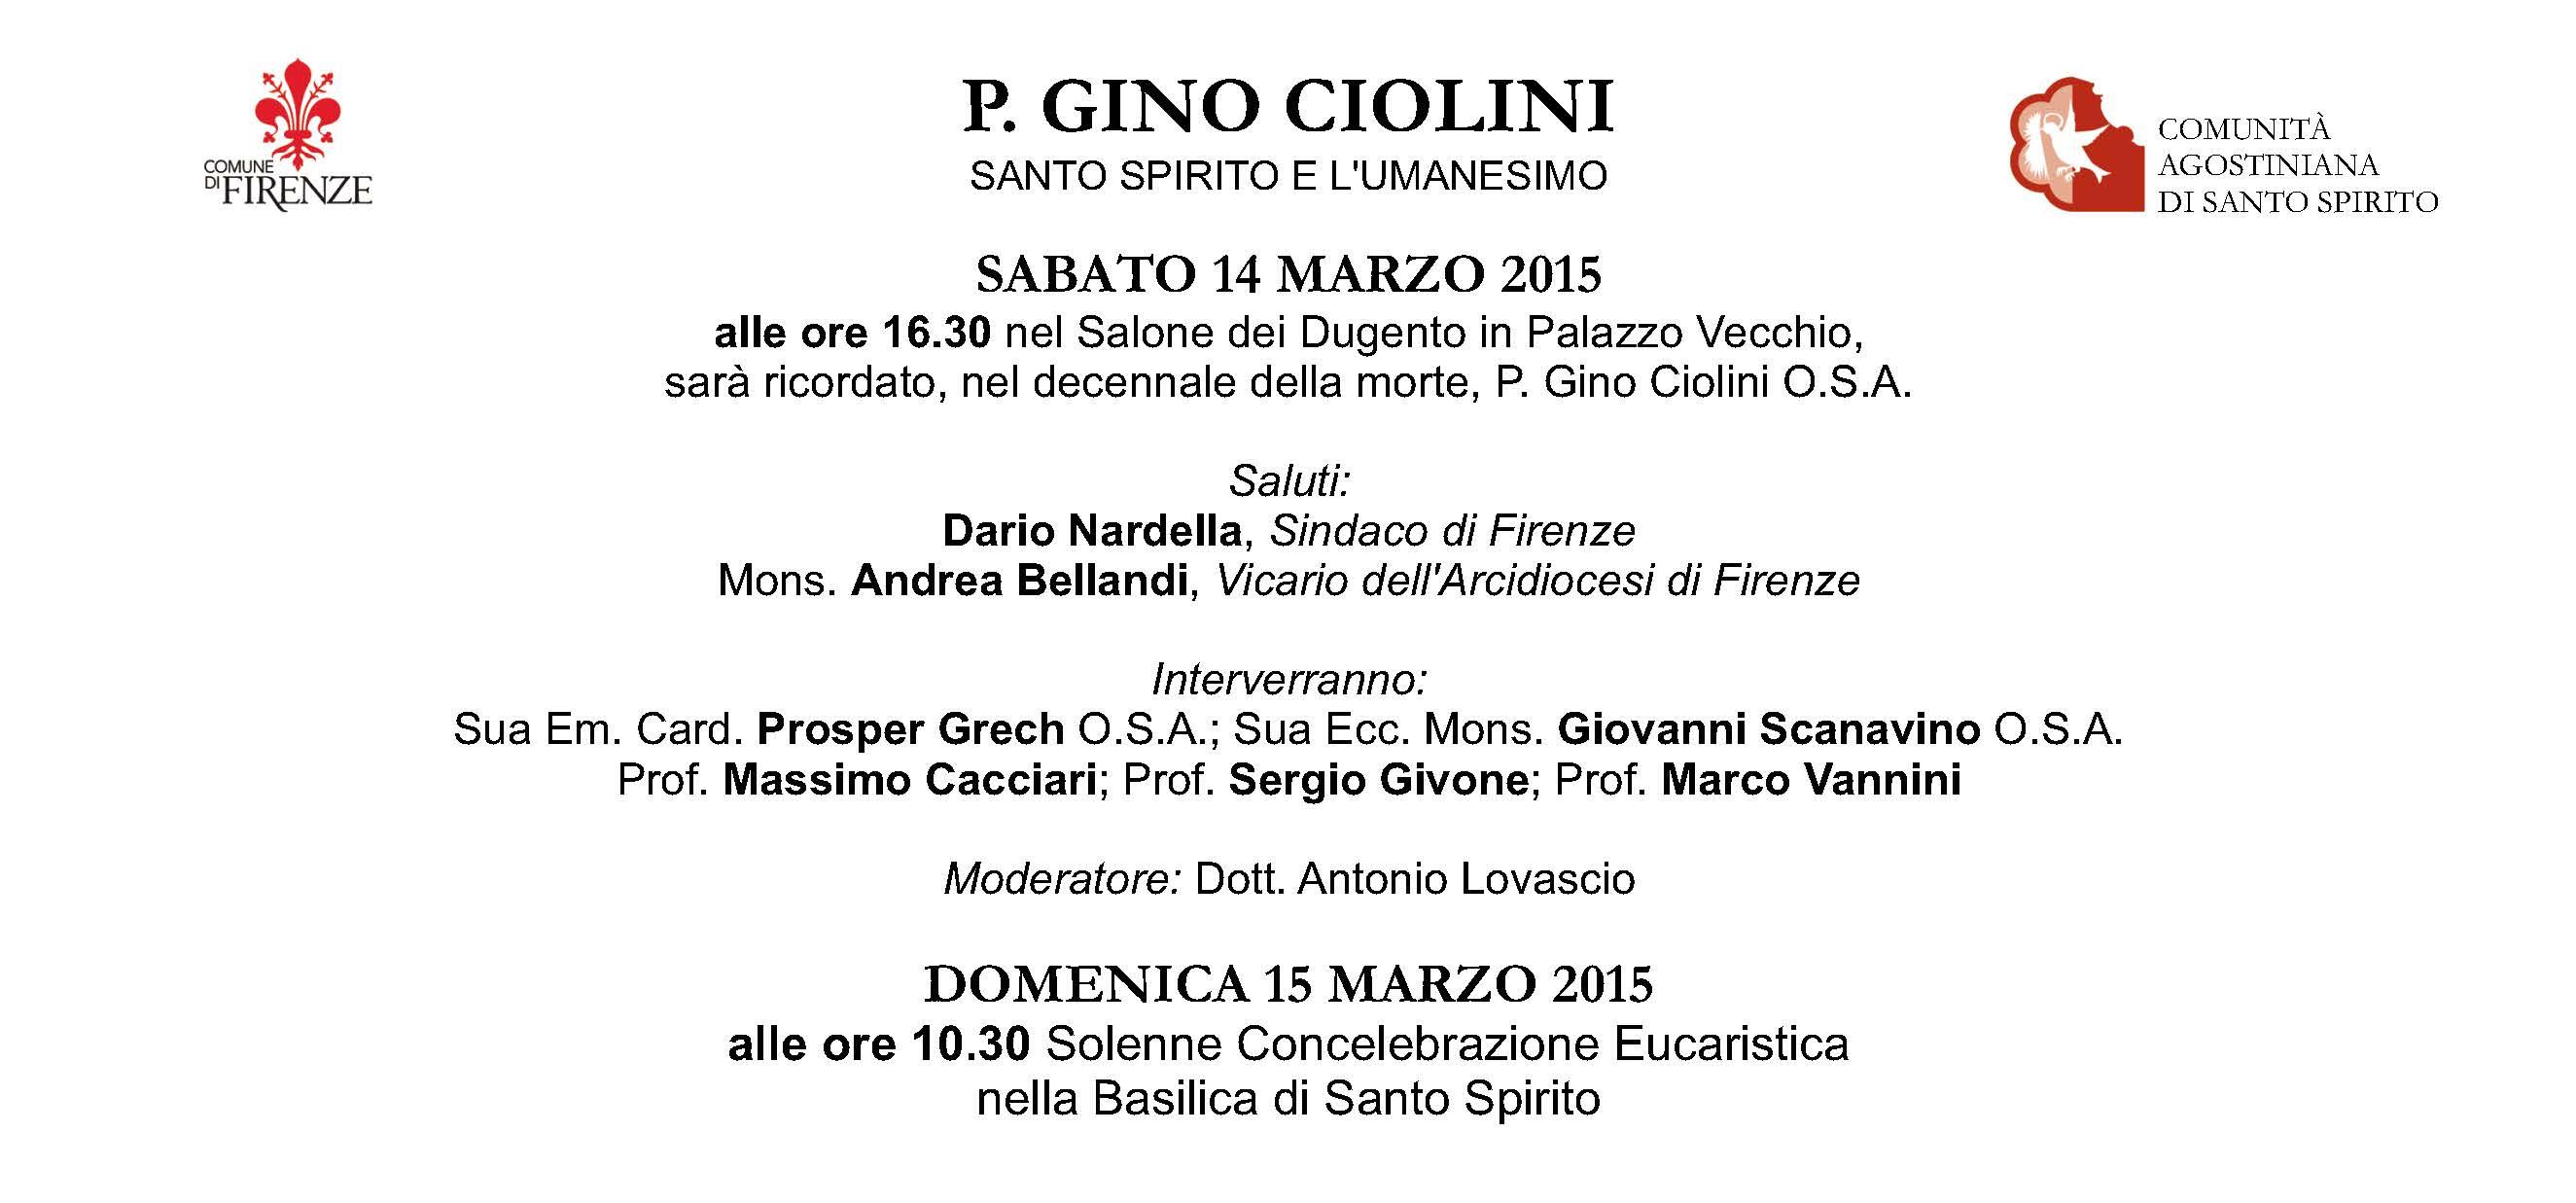 INVITO Ciolini